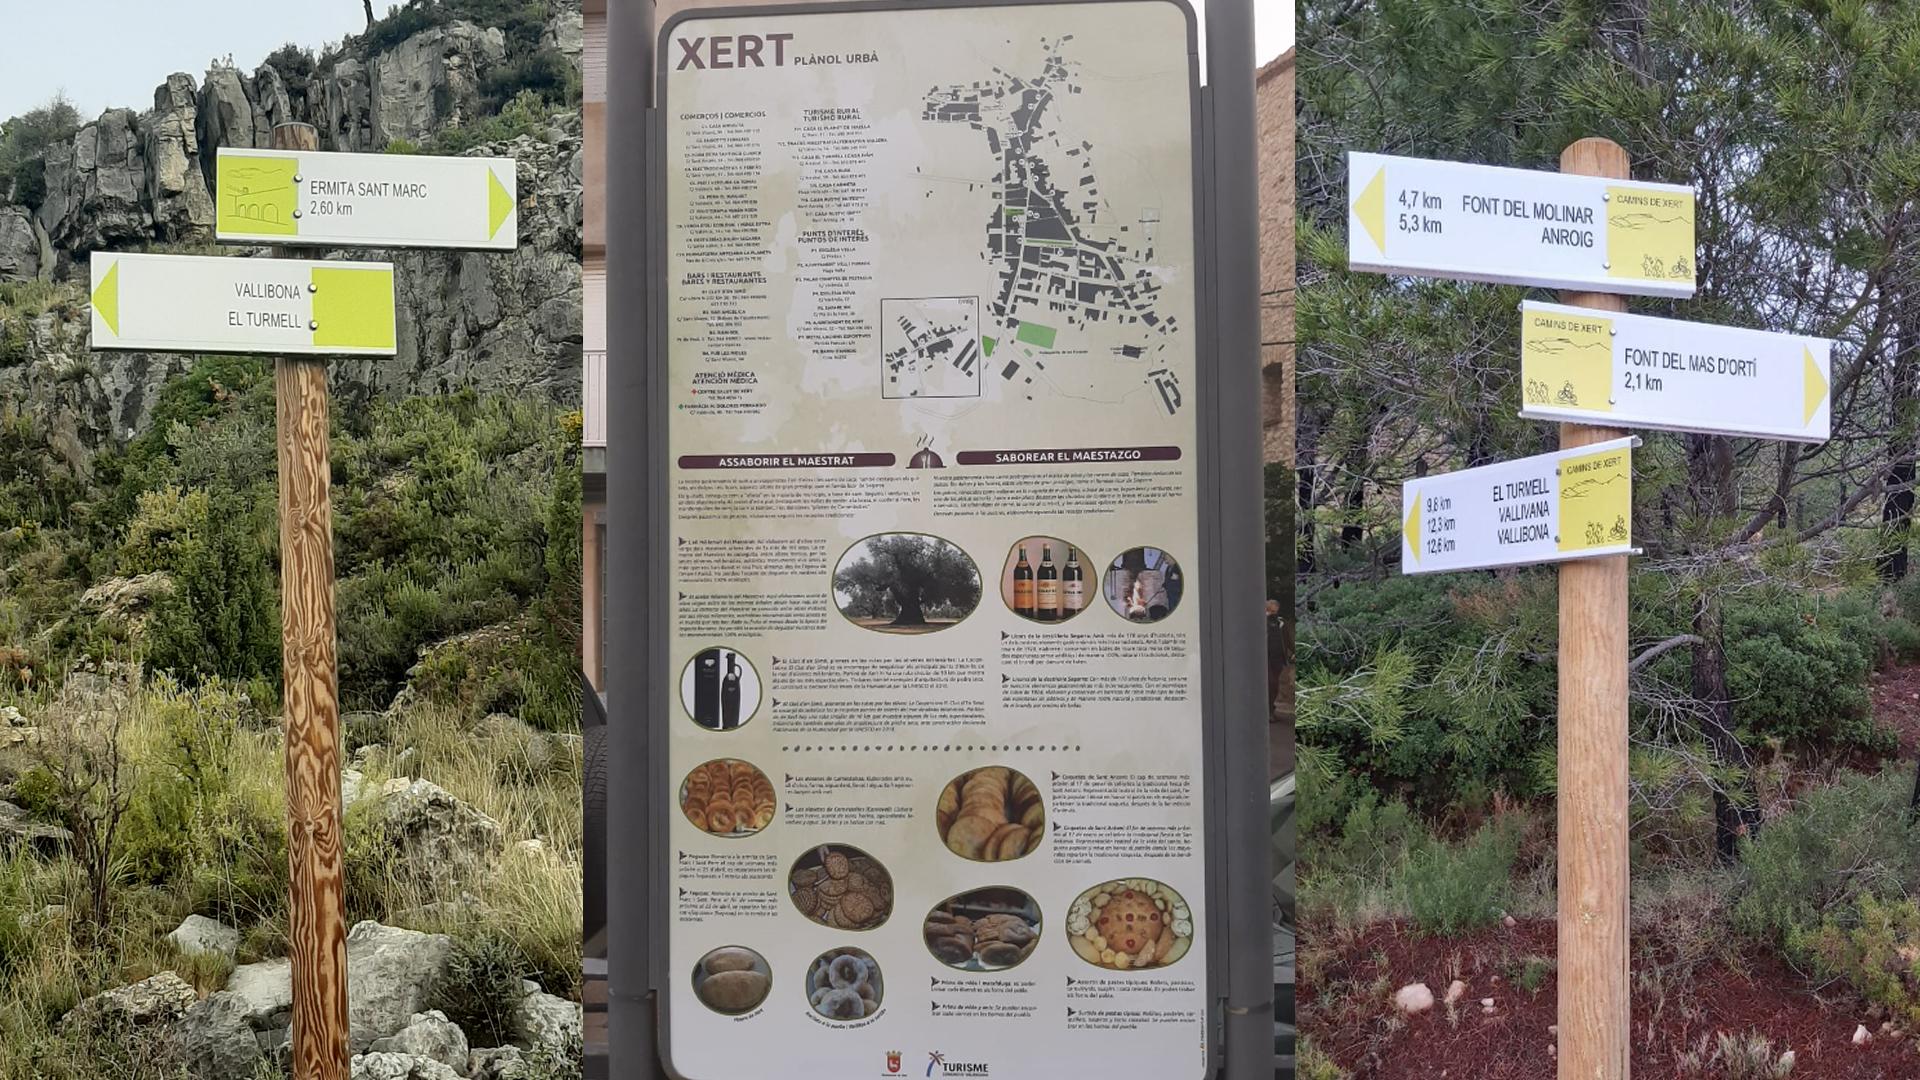 Xert senyalitza el terme municipal per tal de fer-lo molt més atractiu al visitant